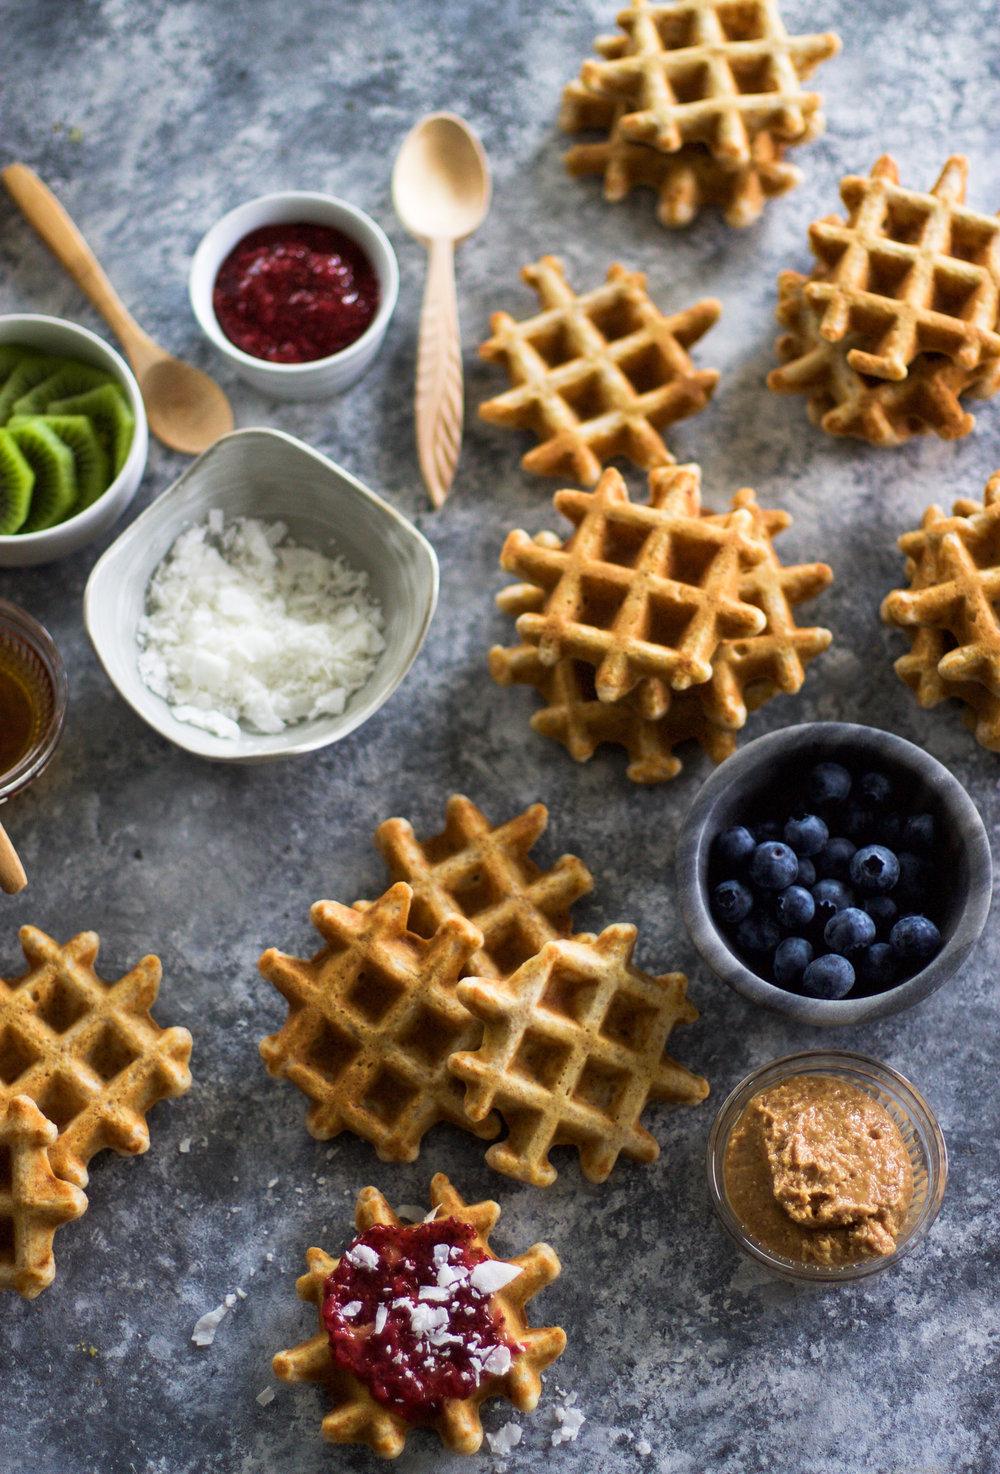 Mini Vanilla Waffles from First Bites cookbook